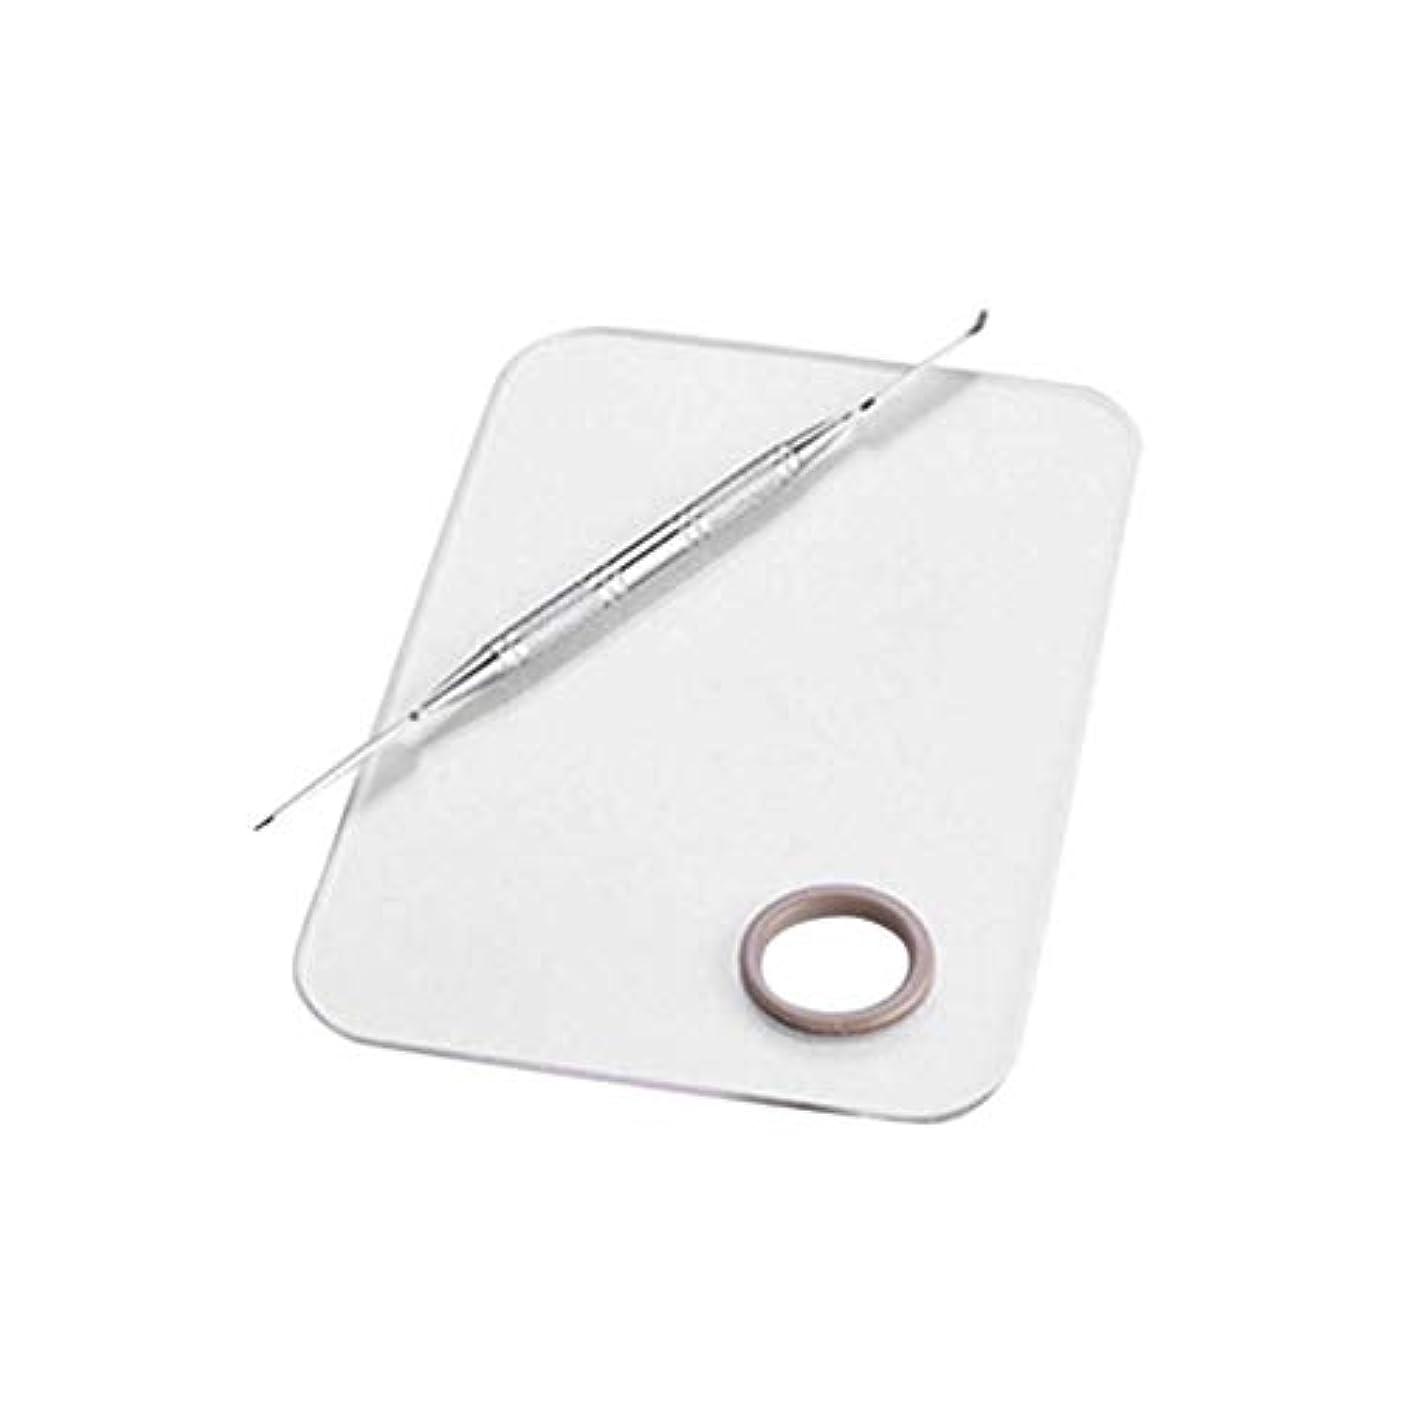 検閲弾性爆発物サロンマニキュアカラーパレットは、ツールのステンレス鋼板をメイクアップパレット化粧品をミキシングクリームファンデーションをメイク